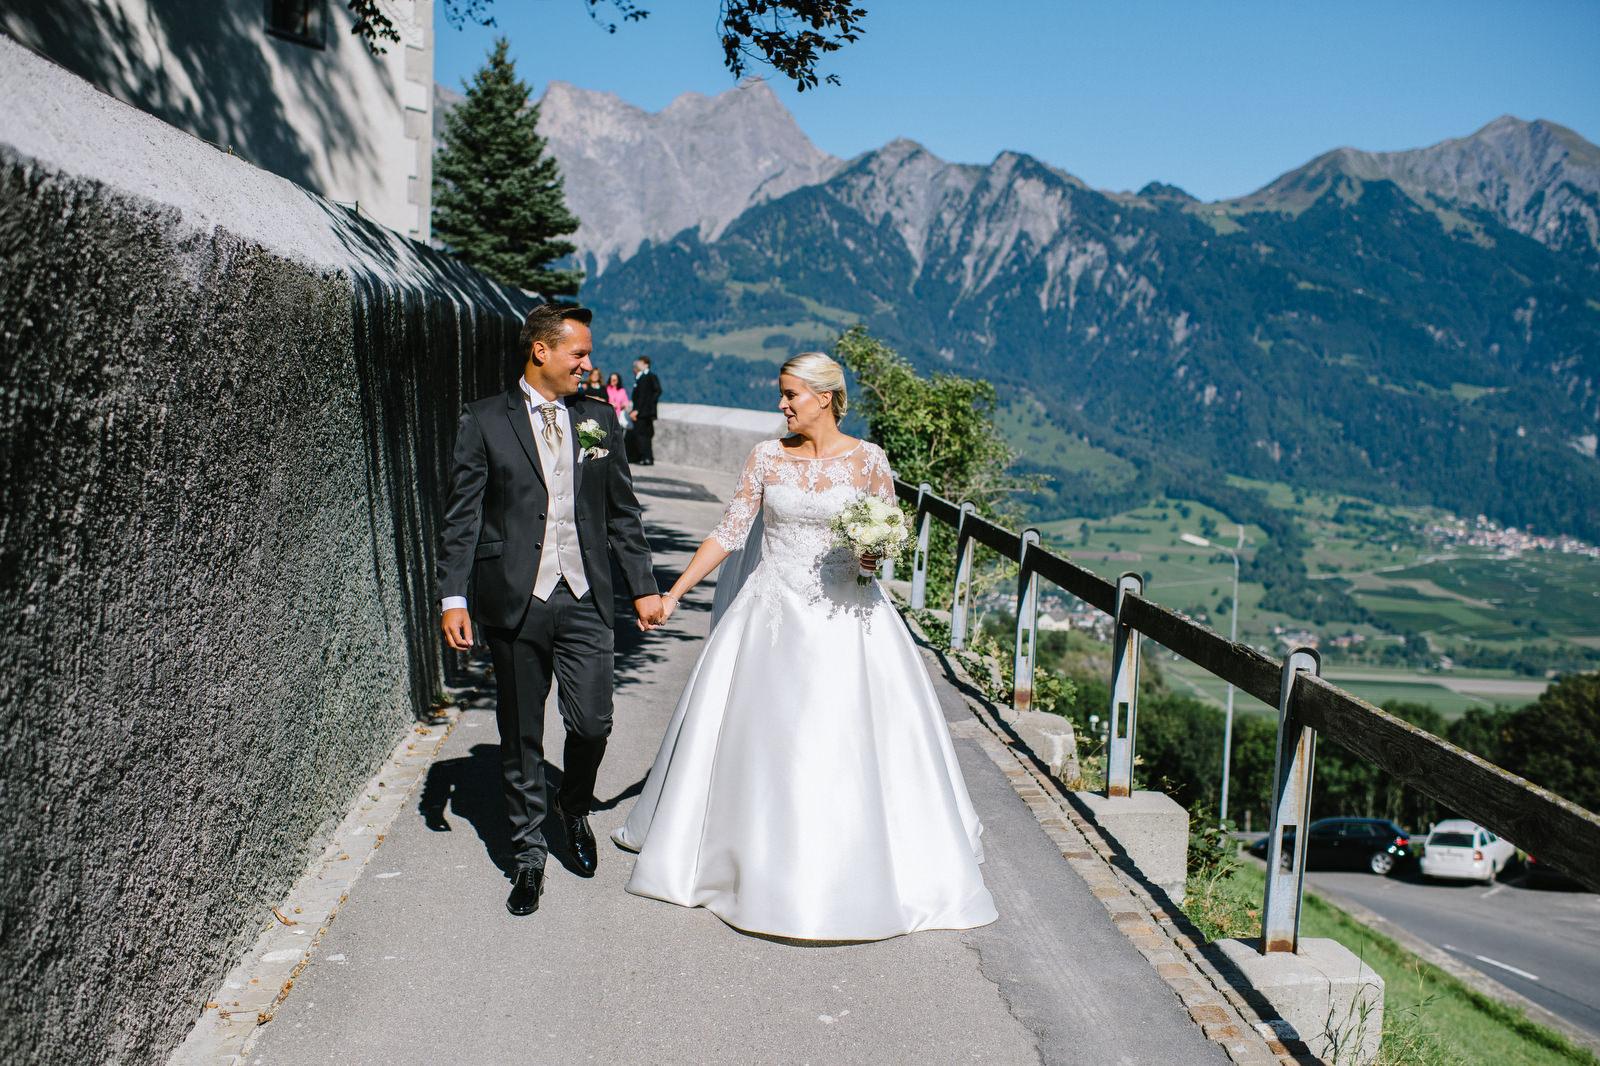 Fotograf Konstanz - Luxus Hochzeit Fotograf Grand Resort Bad Ragaz Schweiz Lichtenstein 093 - Destination wedding at the Grand Resort Bad Ragaz, Swiss  - 158 -